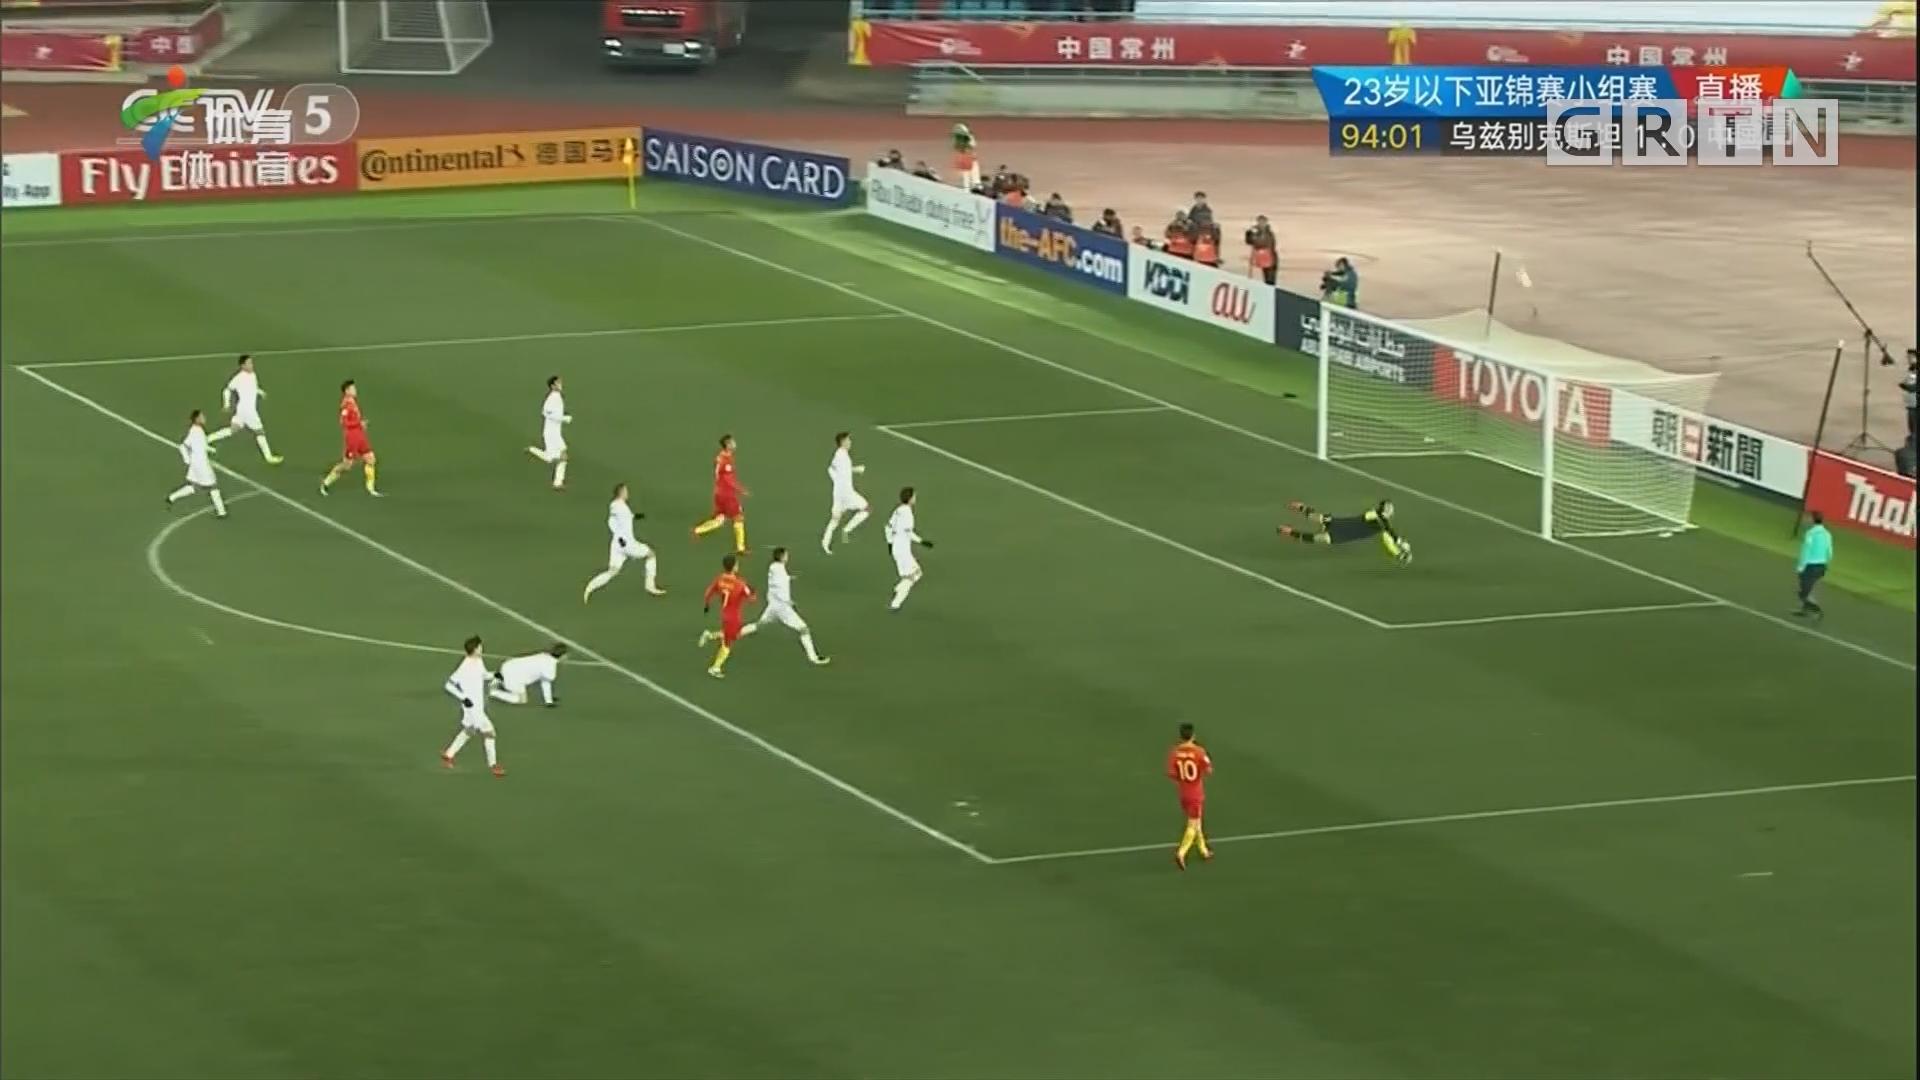 U23亚洲杯 中国U23男足不敌乌兹别克斯坦